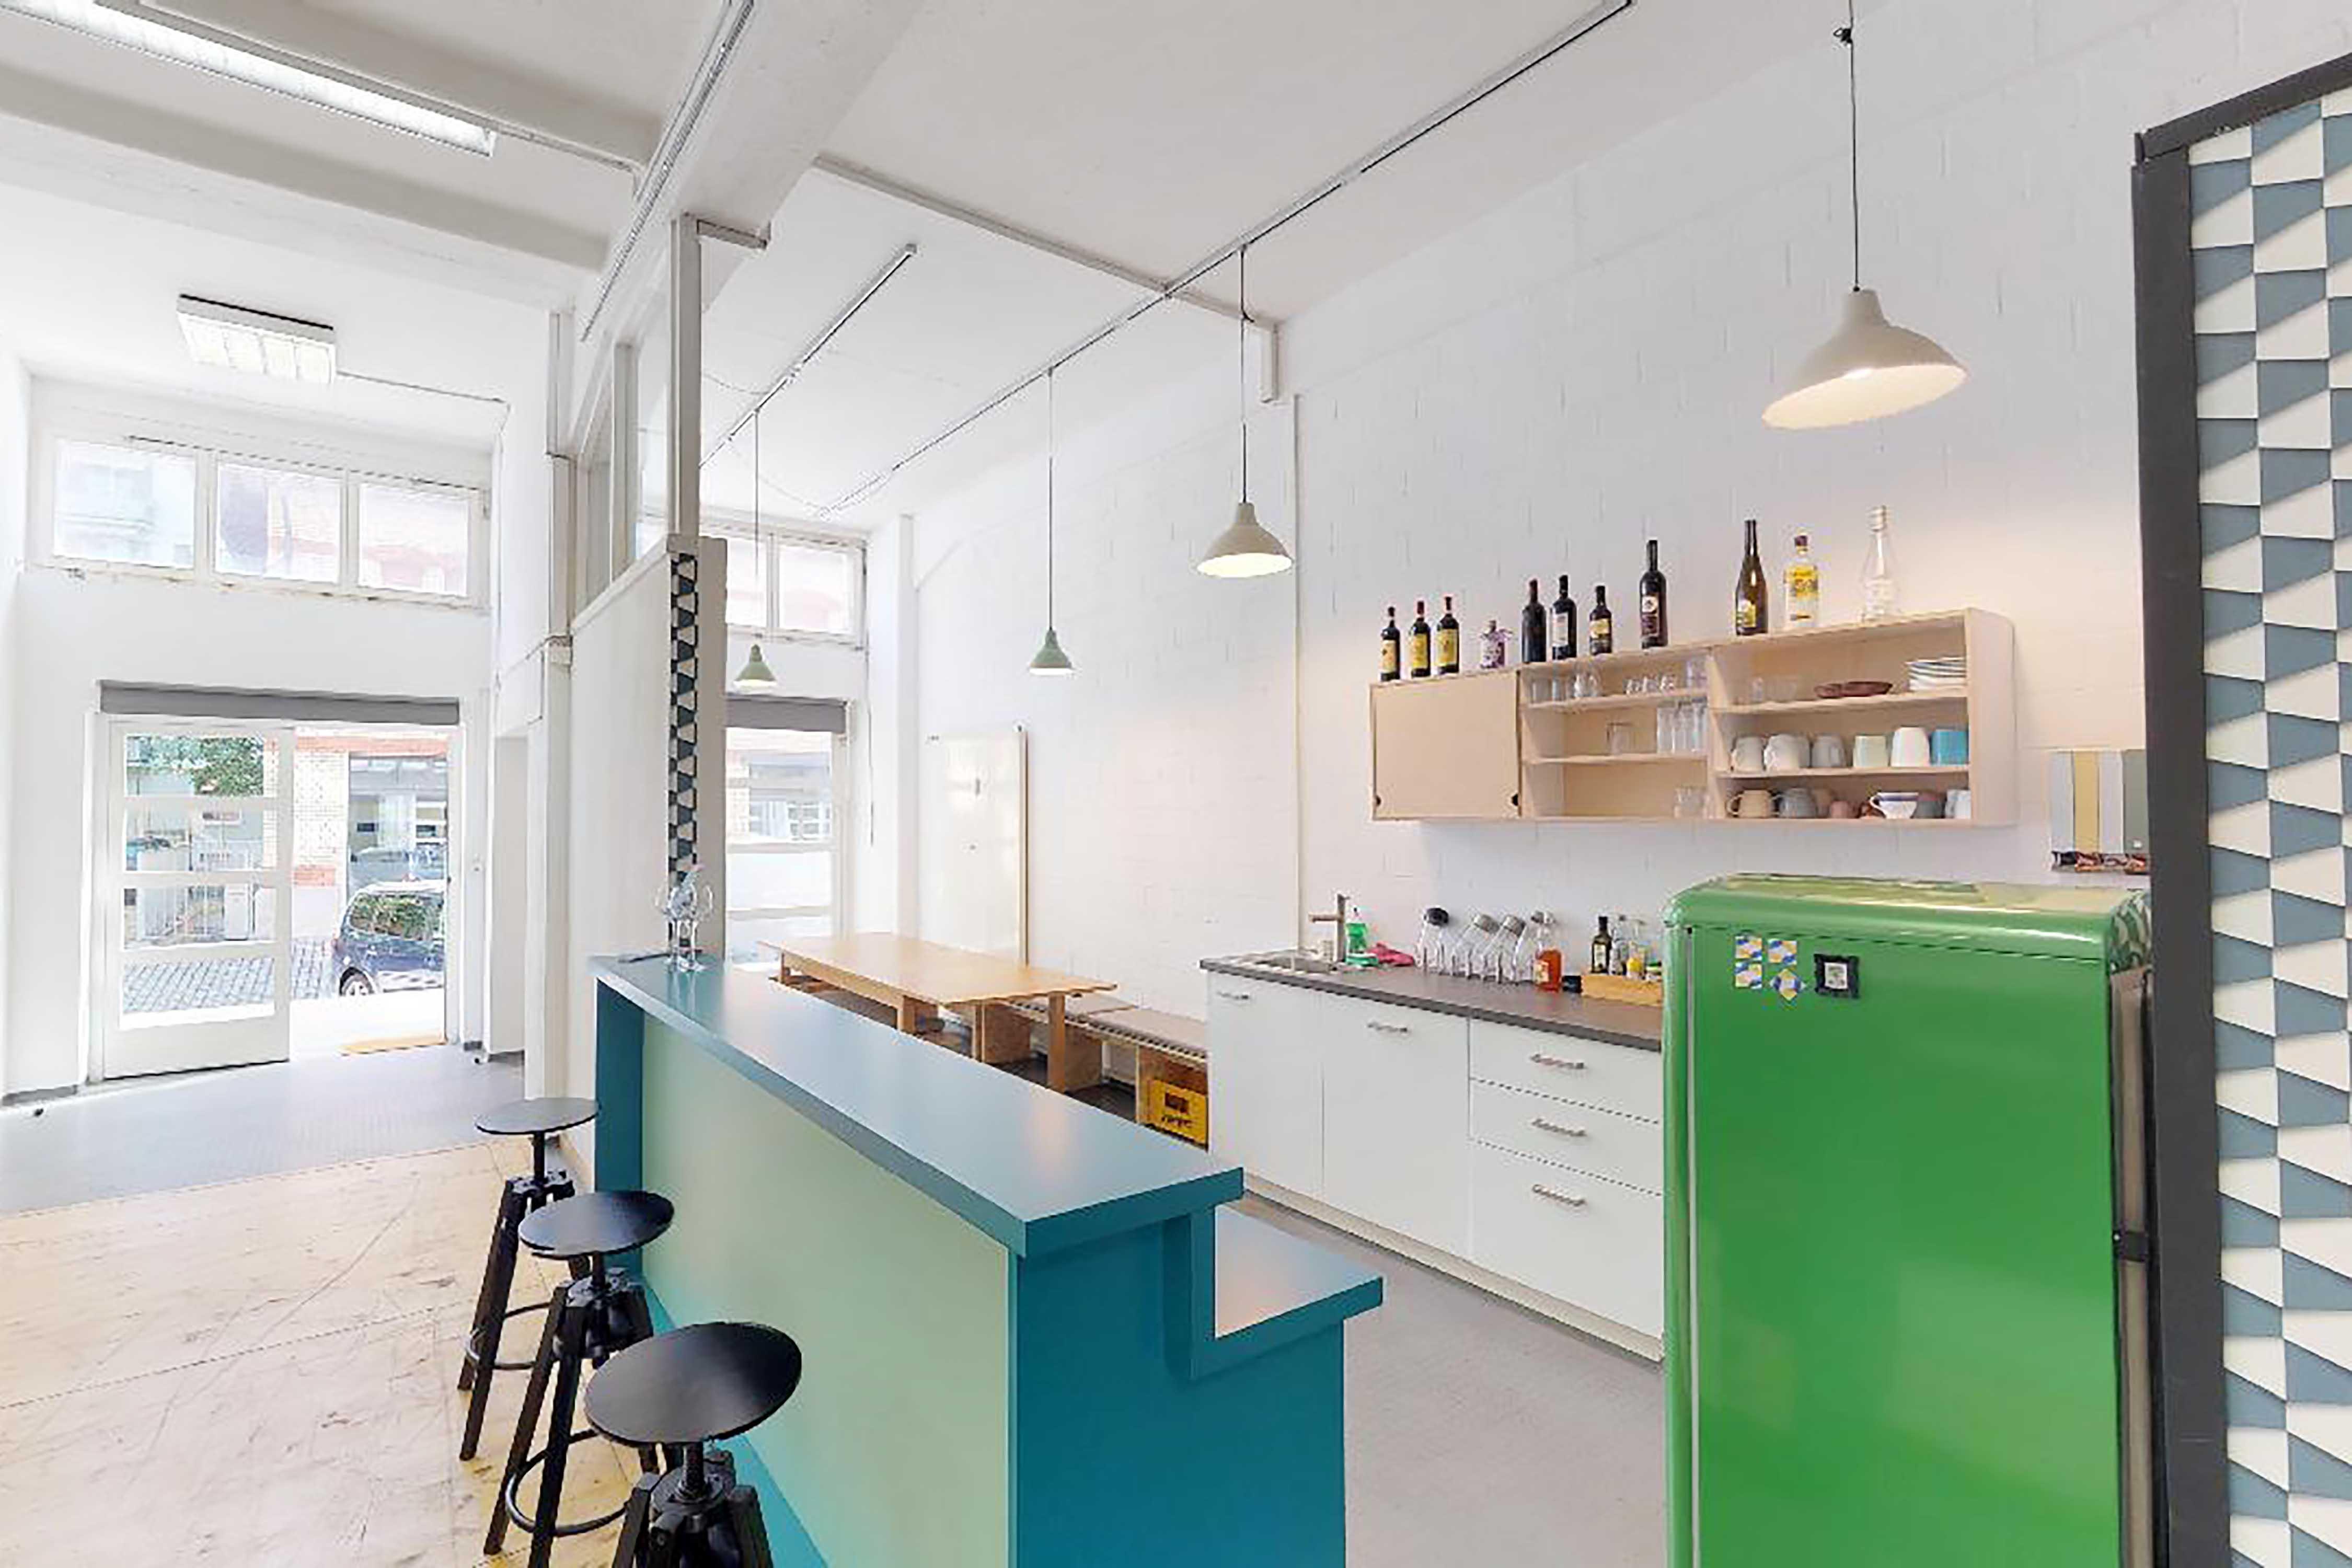 open plan office hardplatz güterbahnhof büro mieten vermieten zürich schweiz hardbrücke limmat office